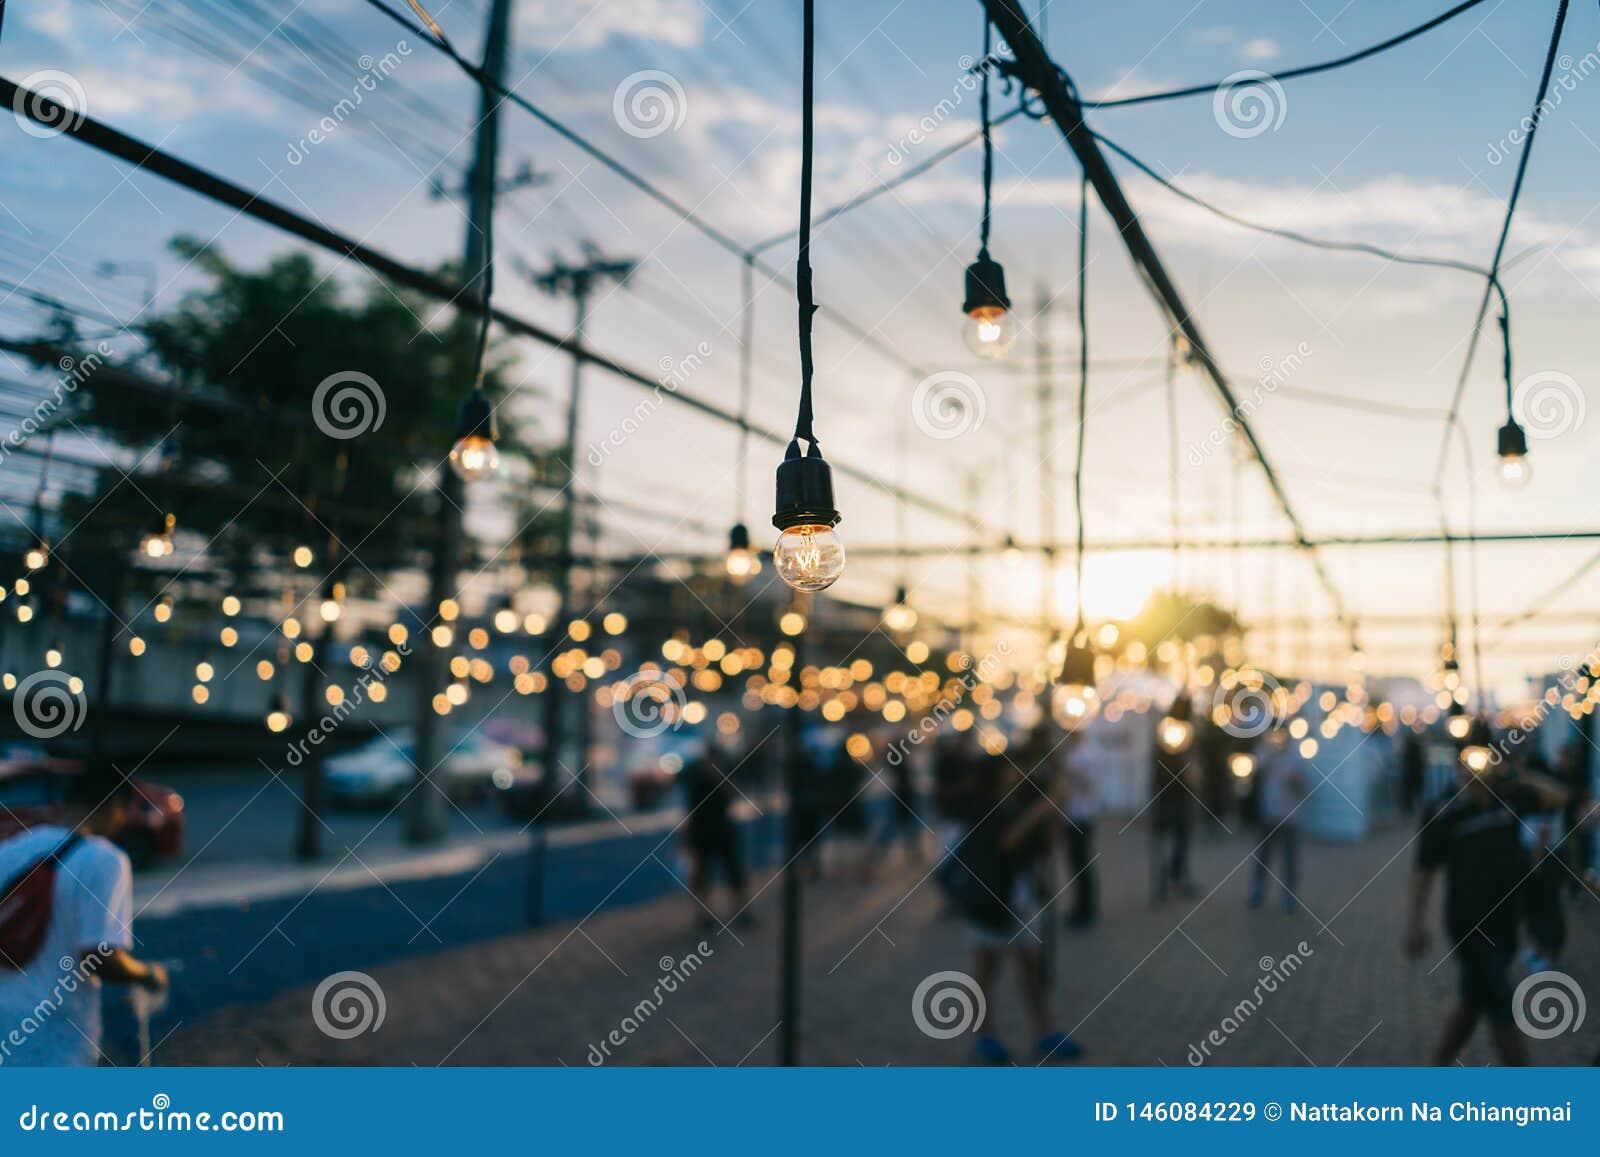 Ampoule, extérieur décoratif au festival de bord de la route